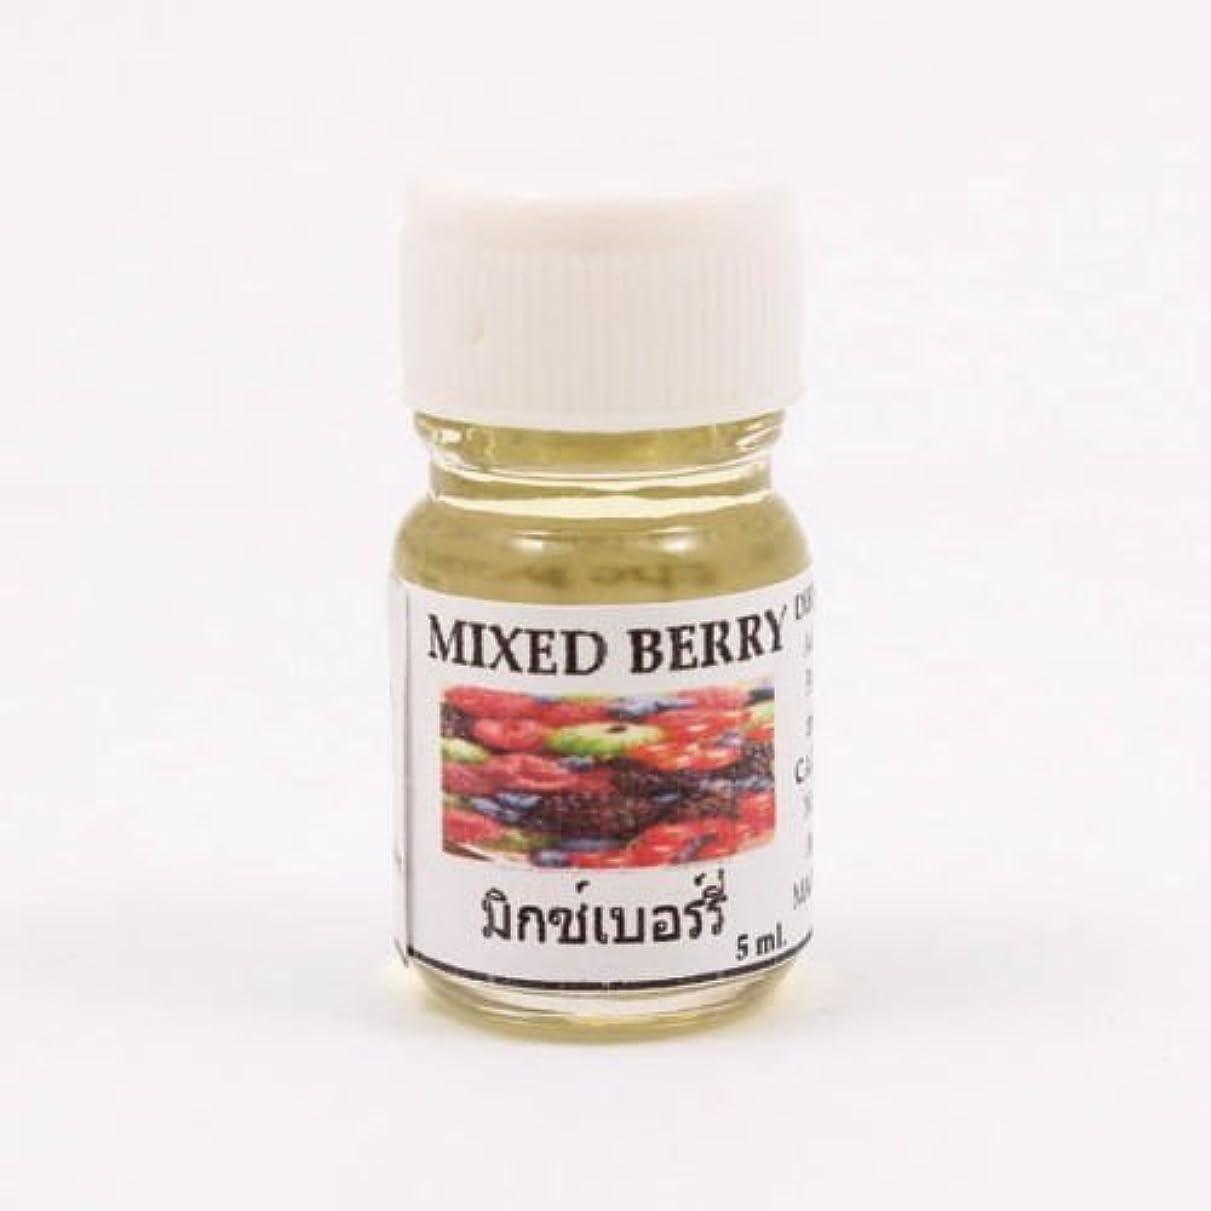 剣潜在的な隠6X Mixed Berry Aroma Fragrance Essential Oil 5ML Diffuser Burner Therapy